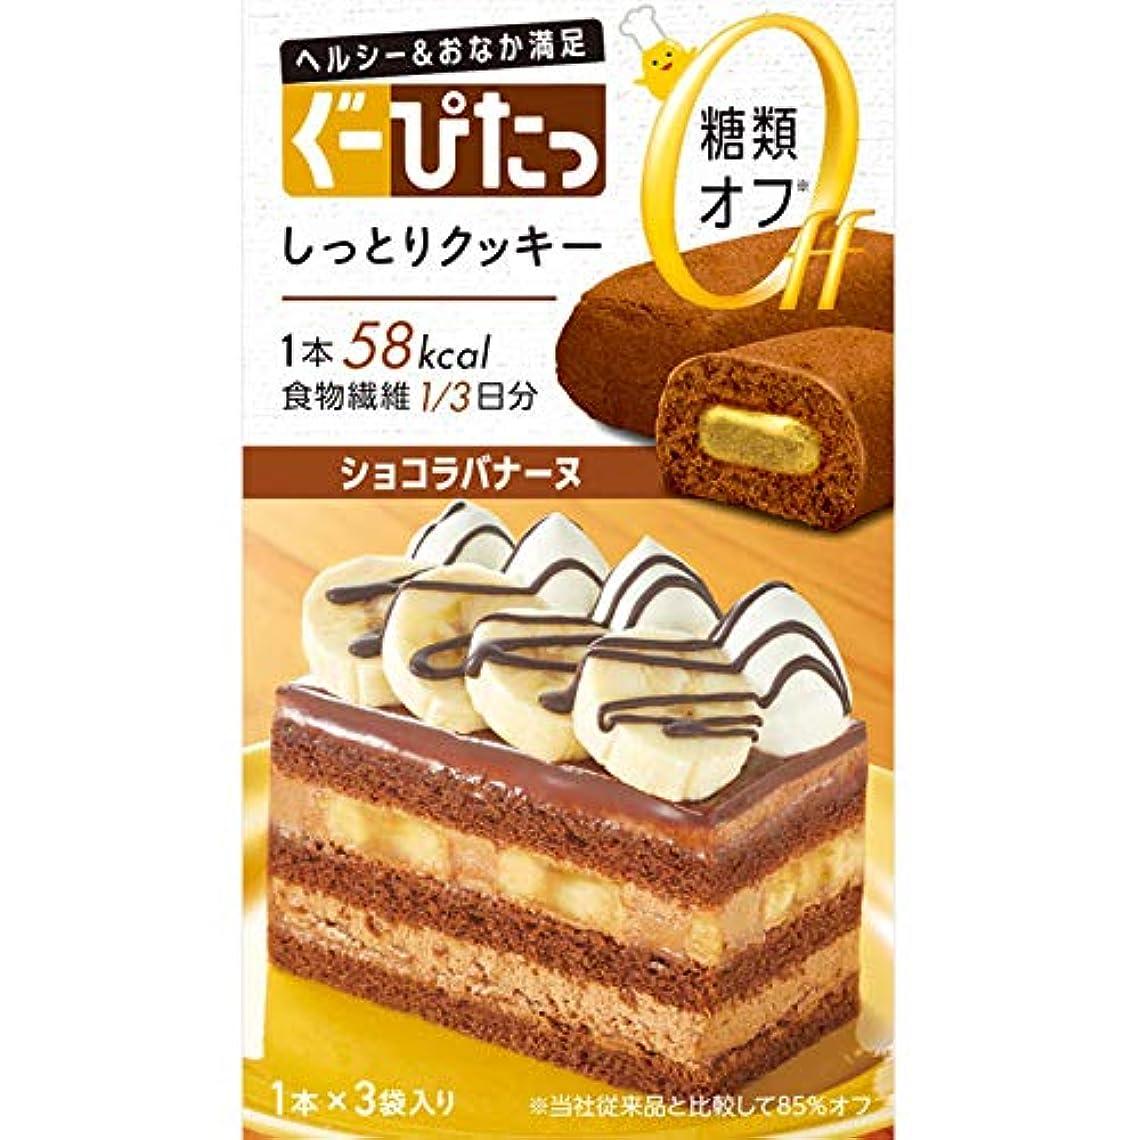 呼吸等しい十年ナリスアップ ぐーぴたっ しっとりクッキー ショコラバナーヌ (3本) ダイエット食品